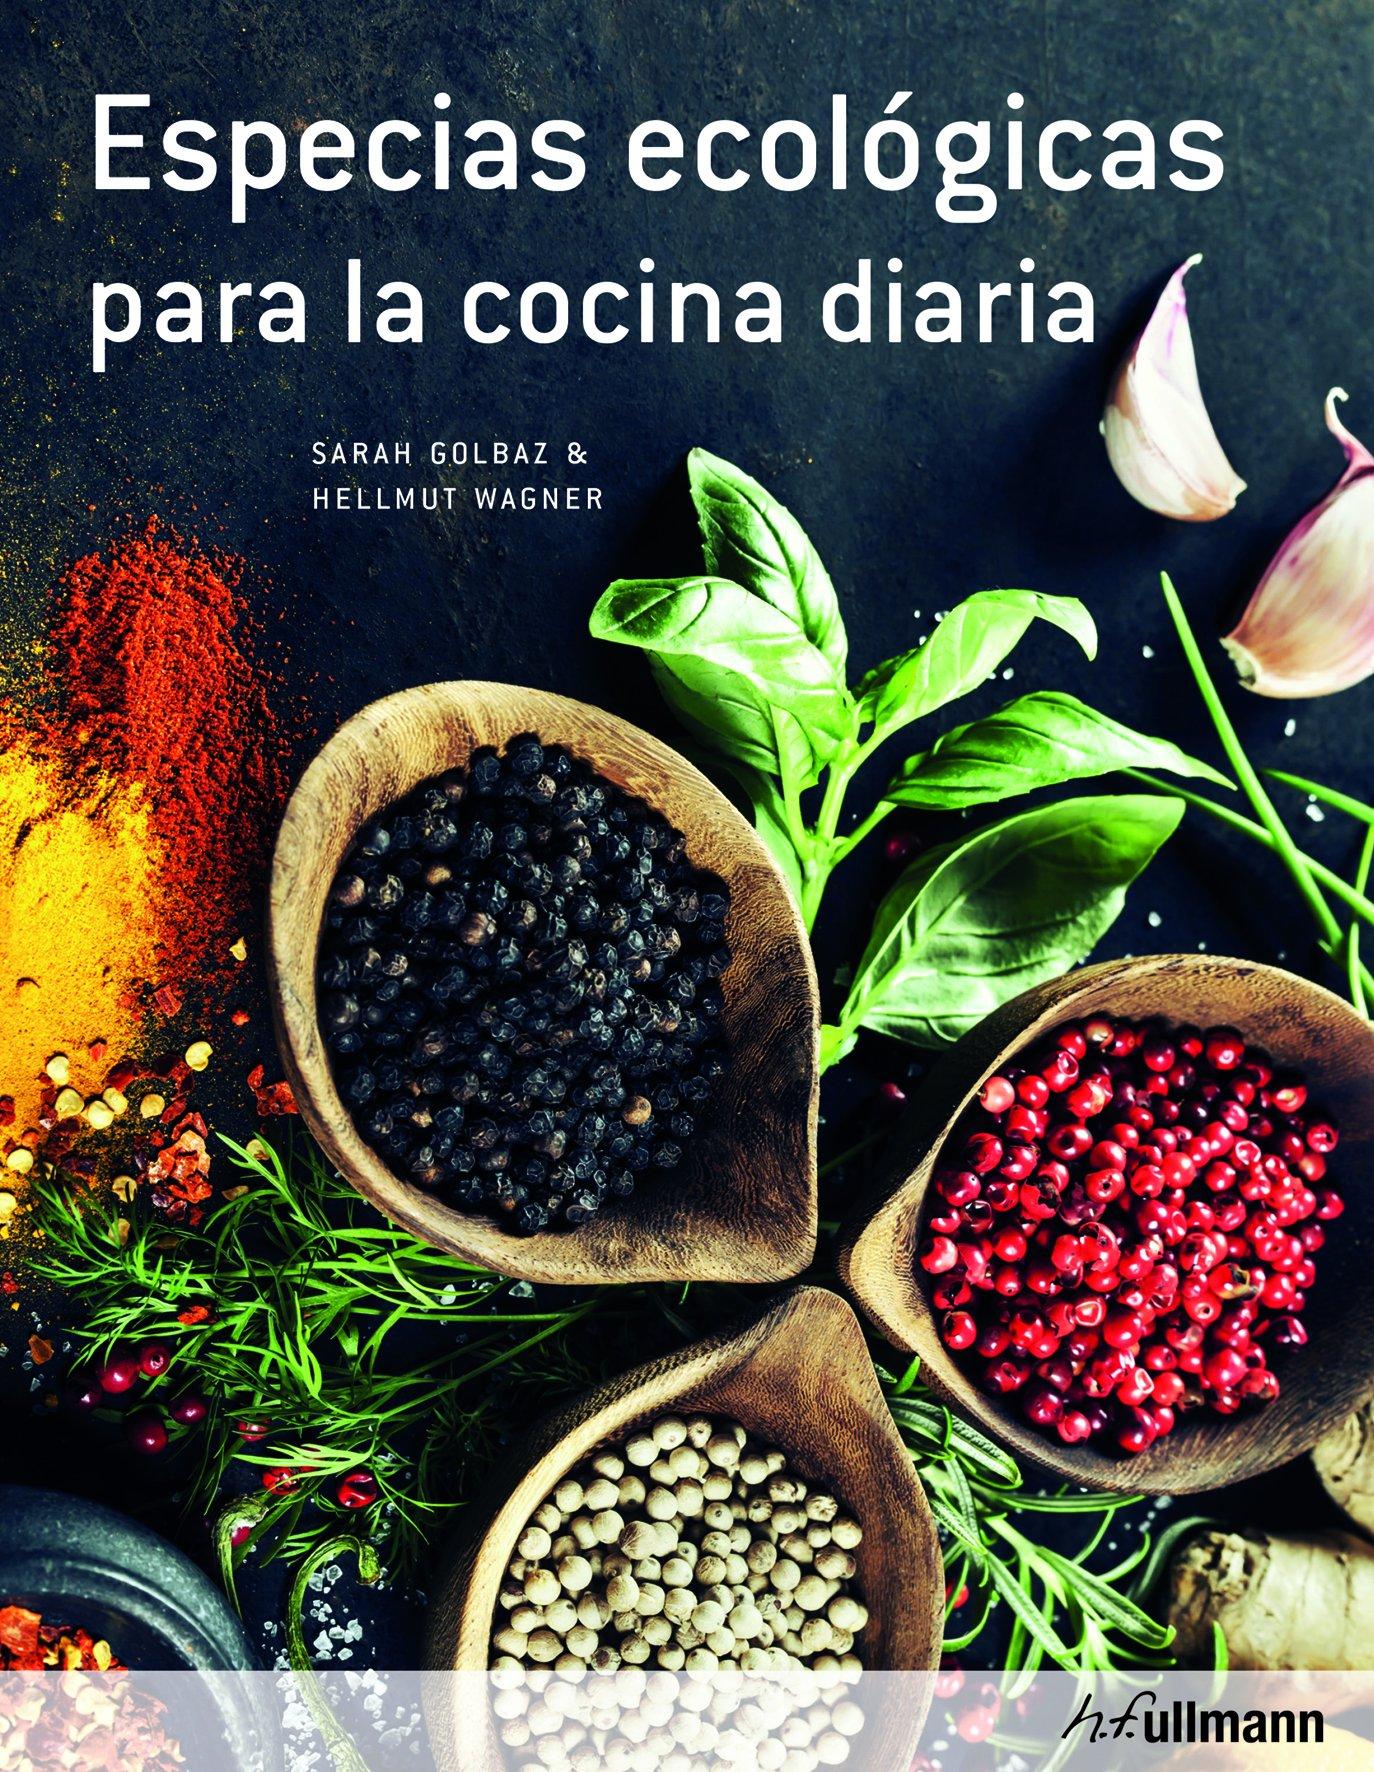 Especias Ecológicas Para La Cocina Diaria: Amazon.es: Sarah Golbaz ...